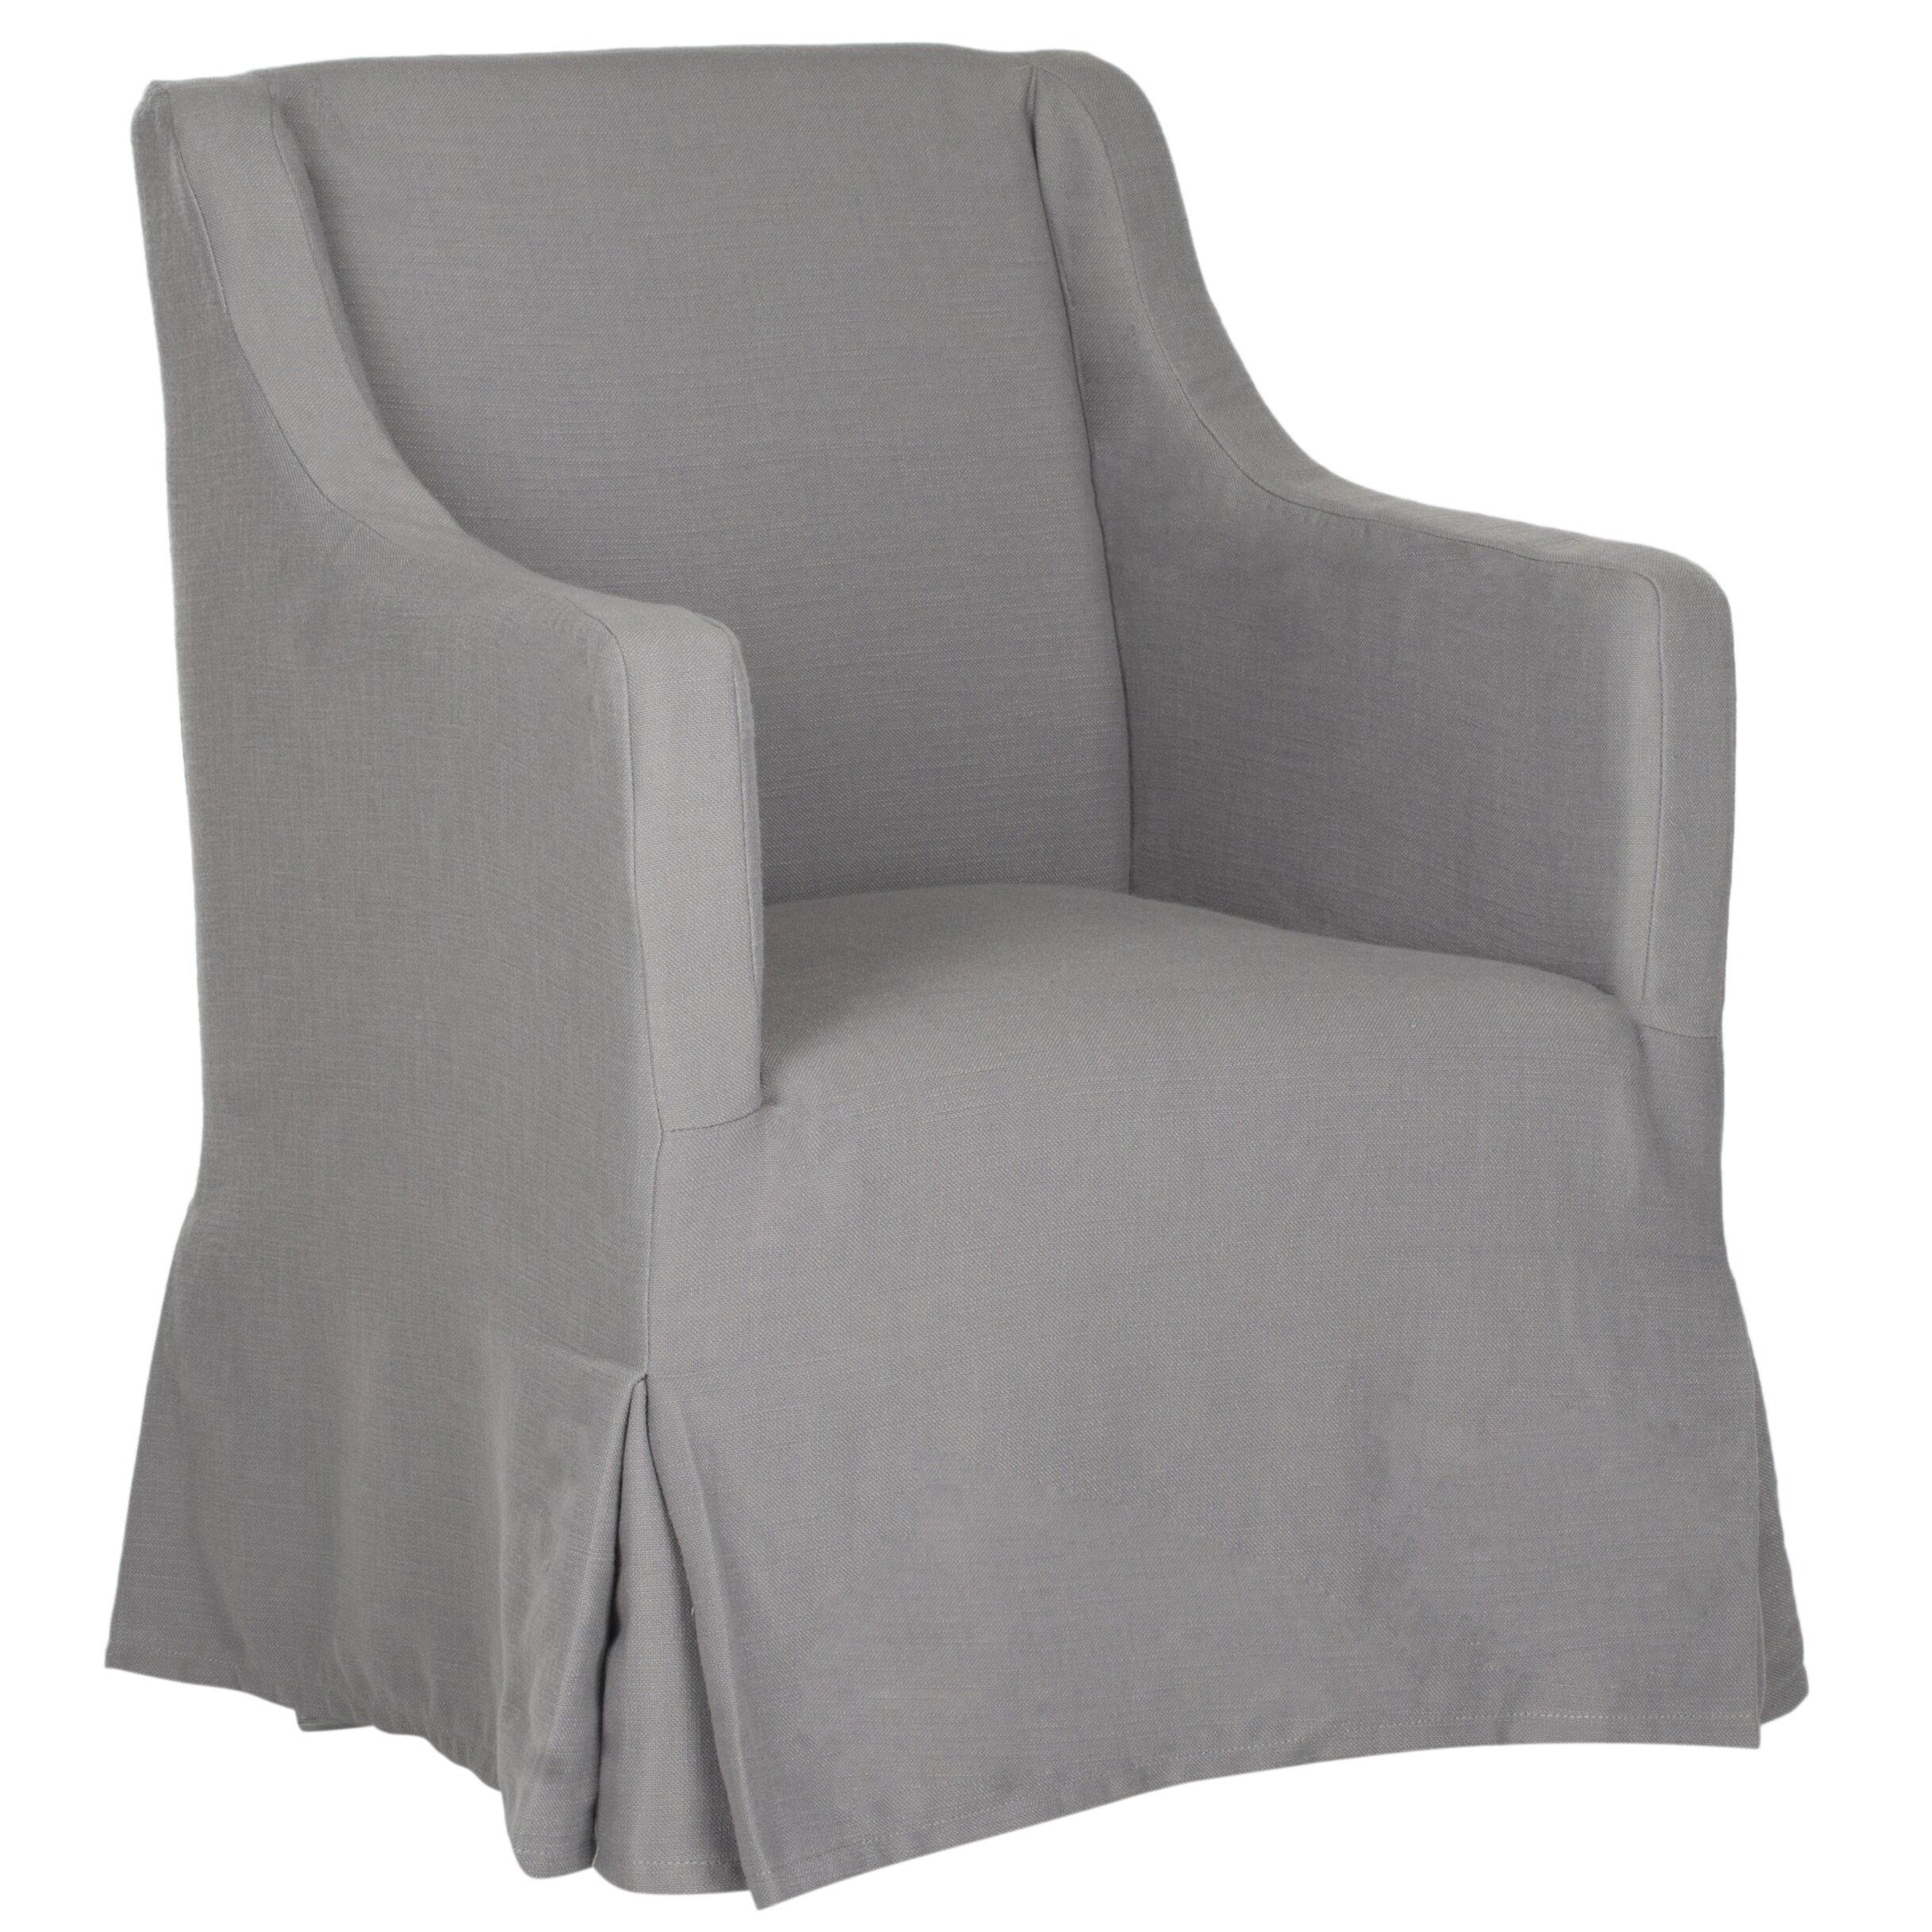 August Grove Skirted Slipcover Arm Chair Amp Reviews Wayfair